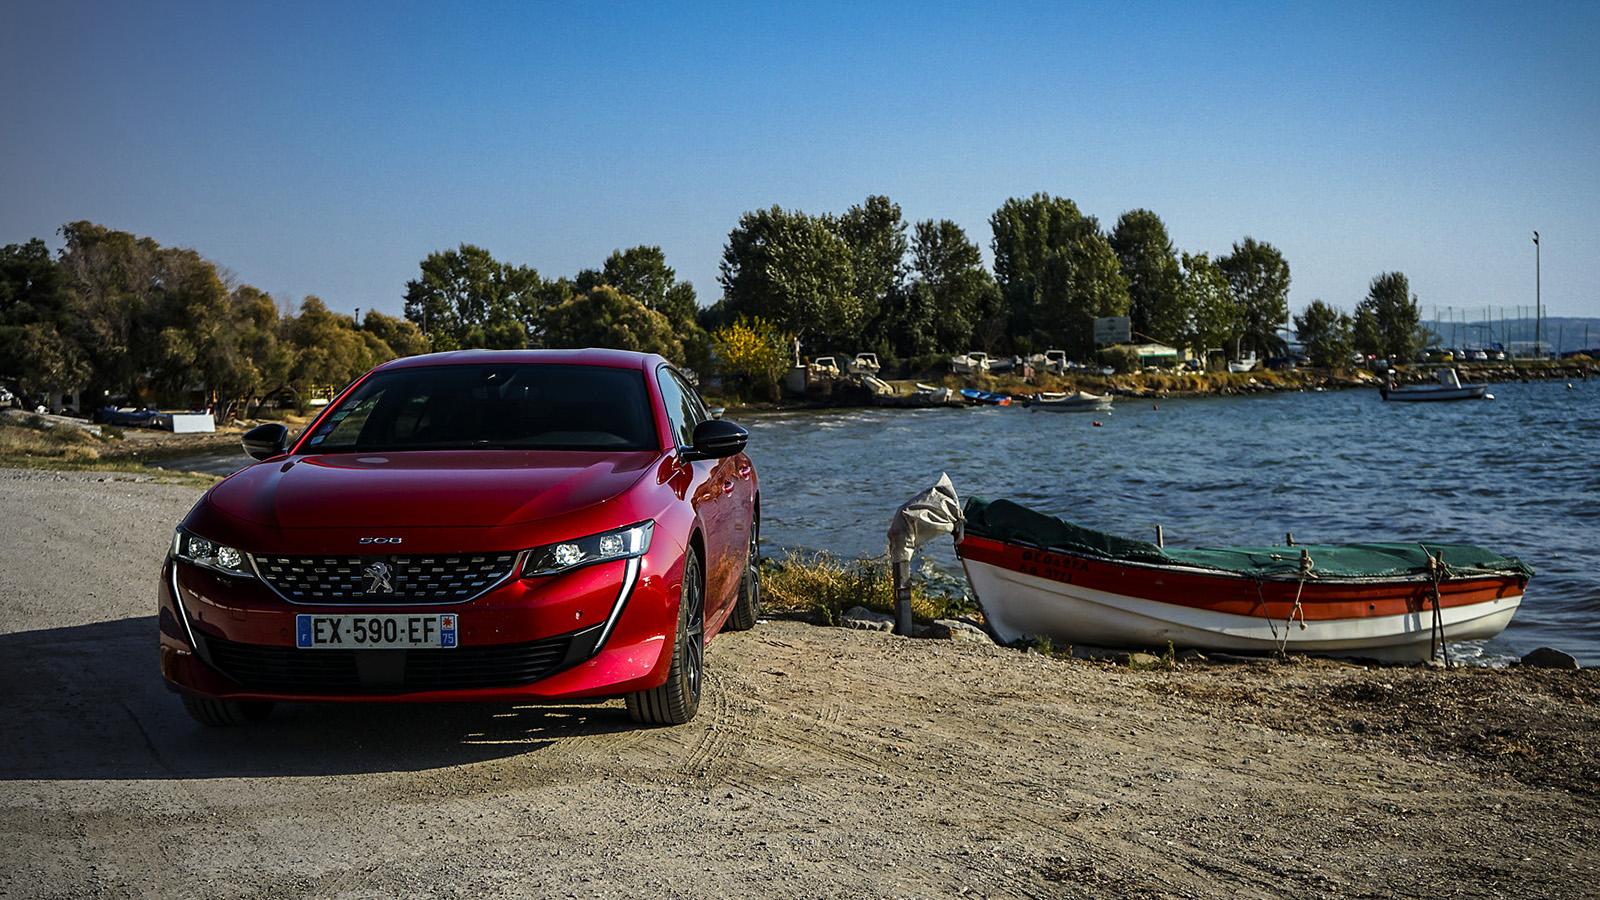 Peugeot създаде един от най-красиви си автомобили, за да преобърне представите за стереотипния сегмент D. 508 буквално крещи в лицето на всички установени играчи, като се цели изключително високо: BMW.